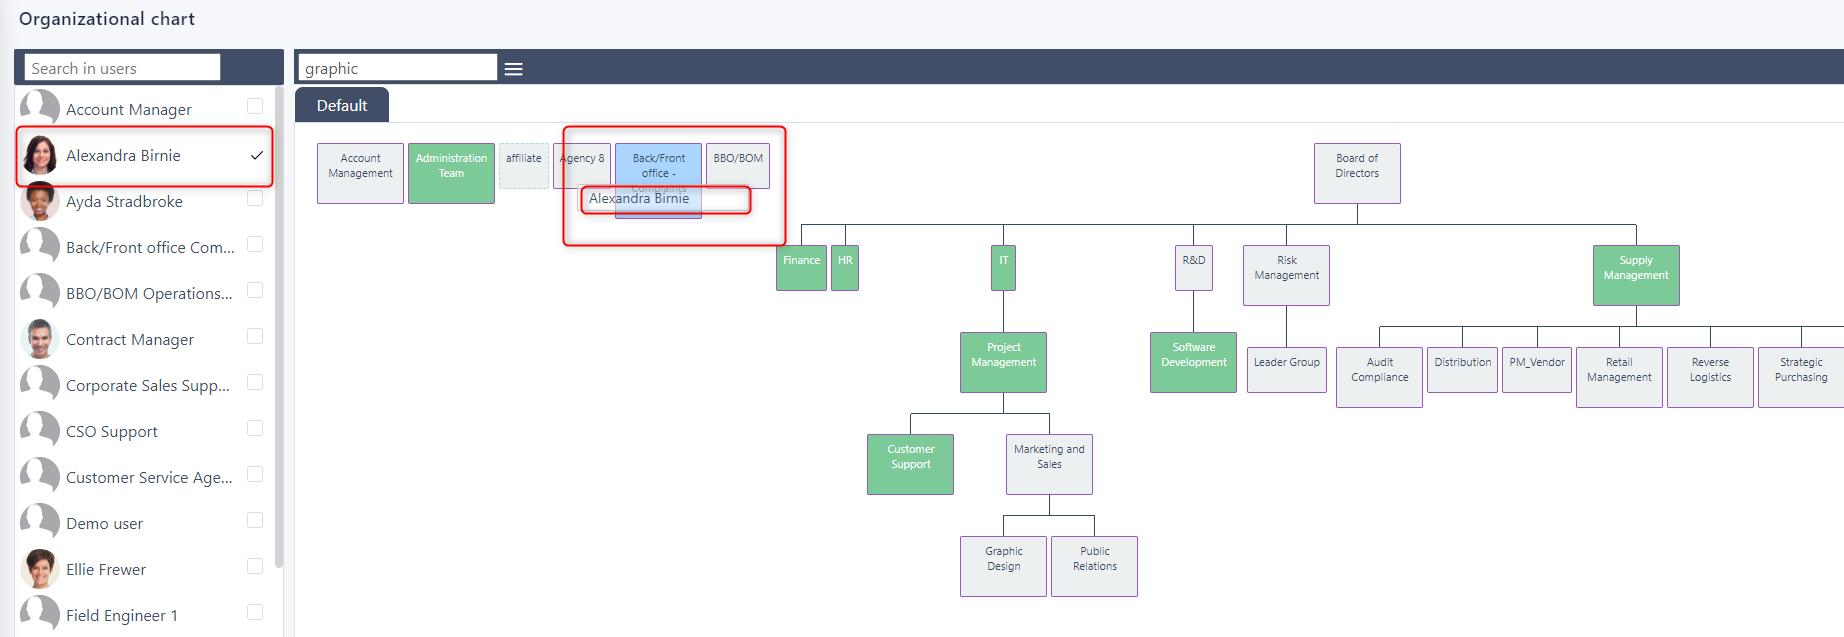 drag and drop org chart v.6| Comidor Platform